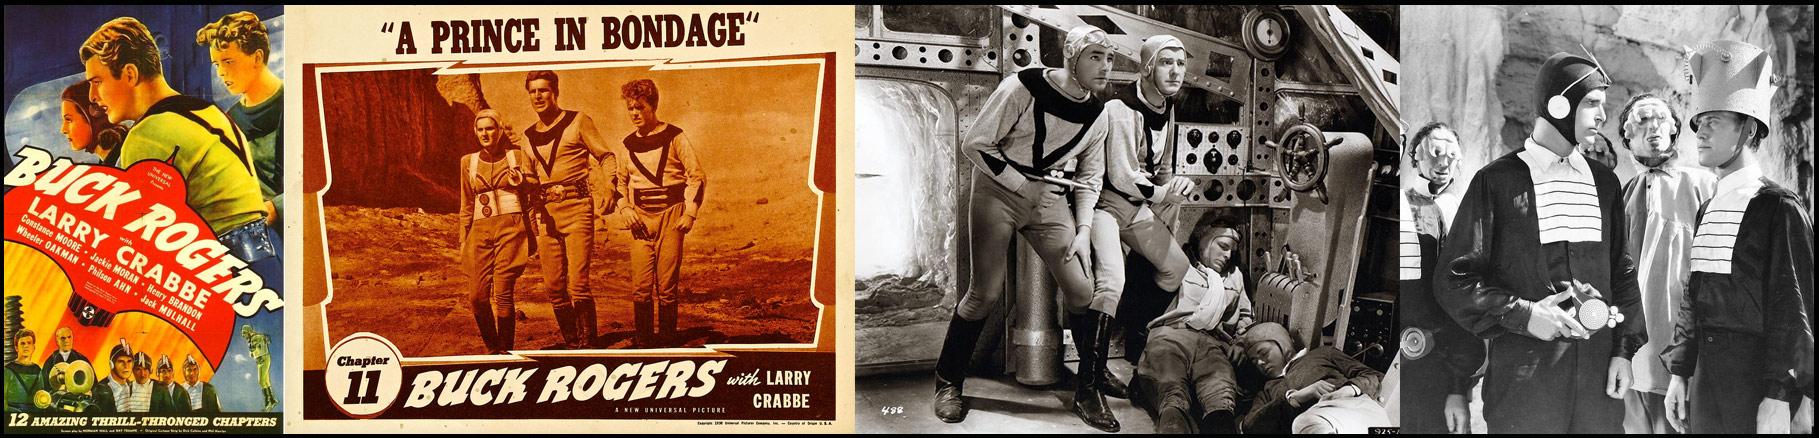 Buck Rogers 1939